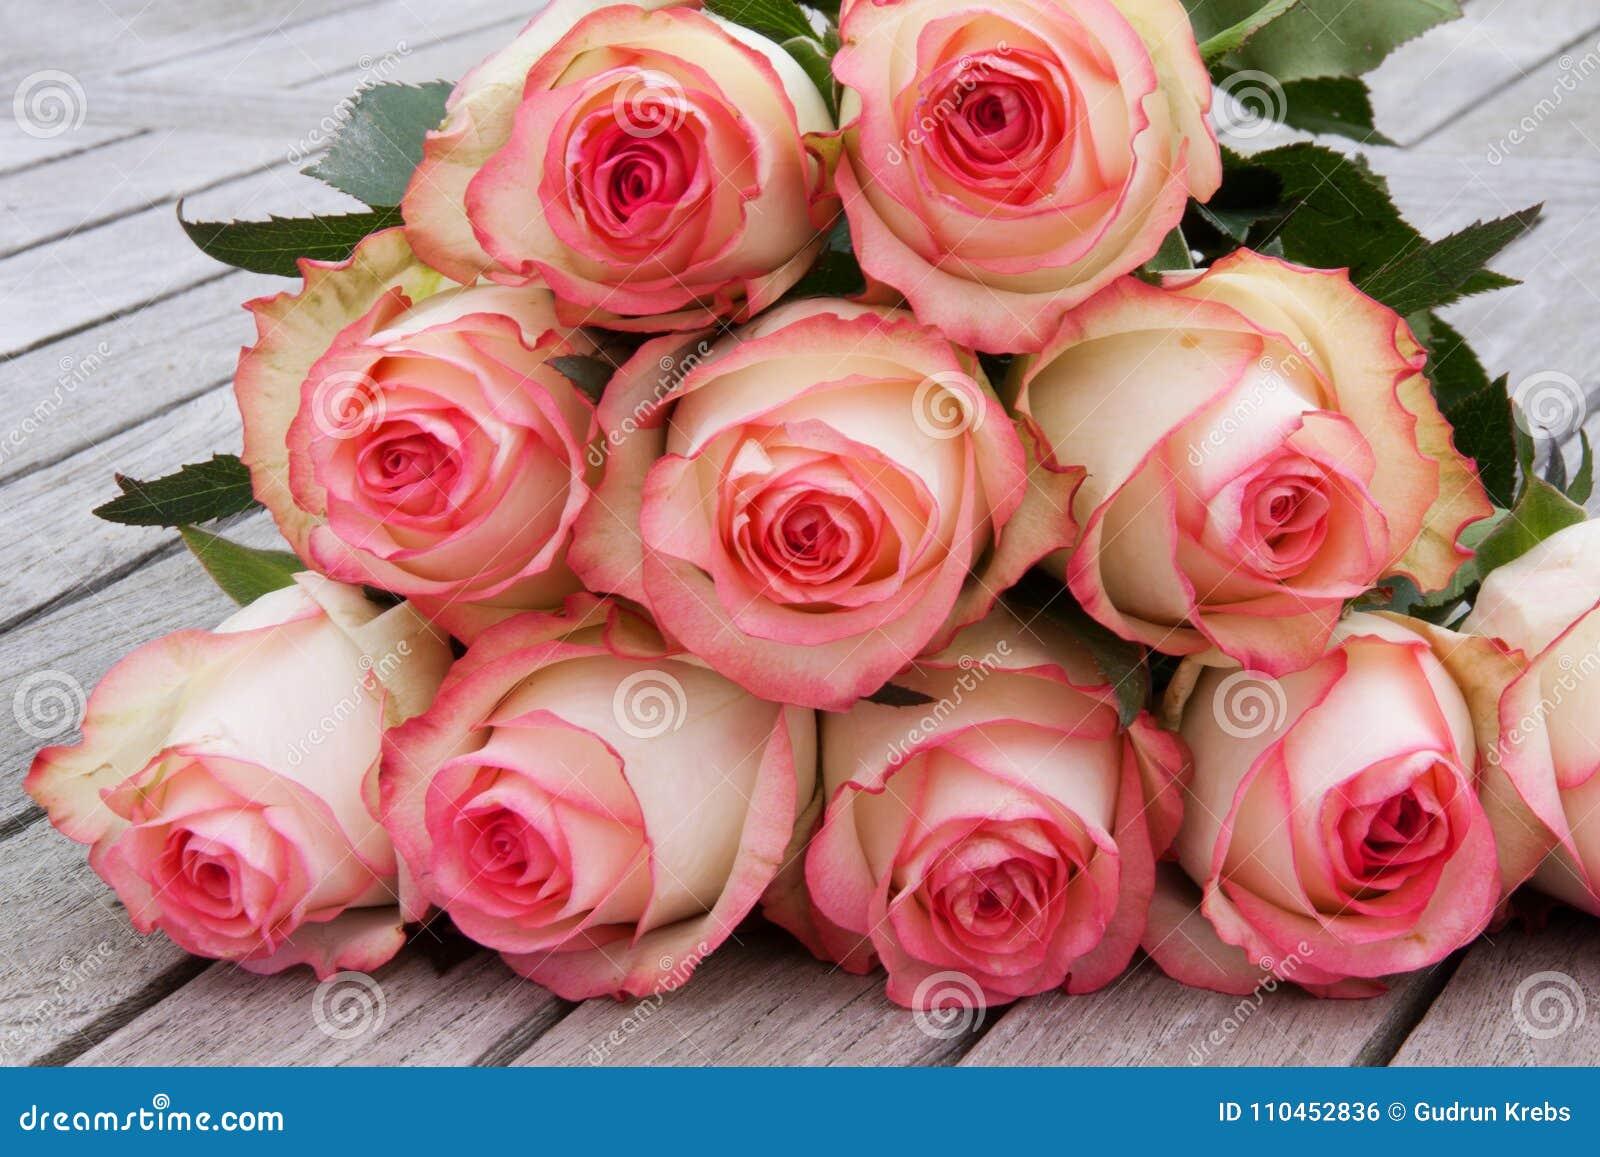 Mjuka rosor på gammalt grått trä